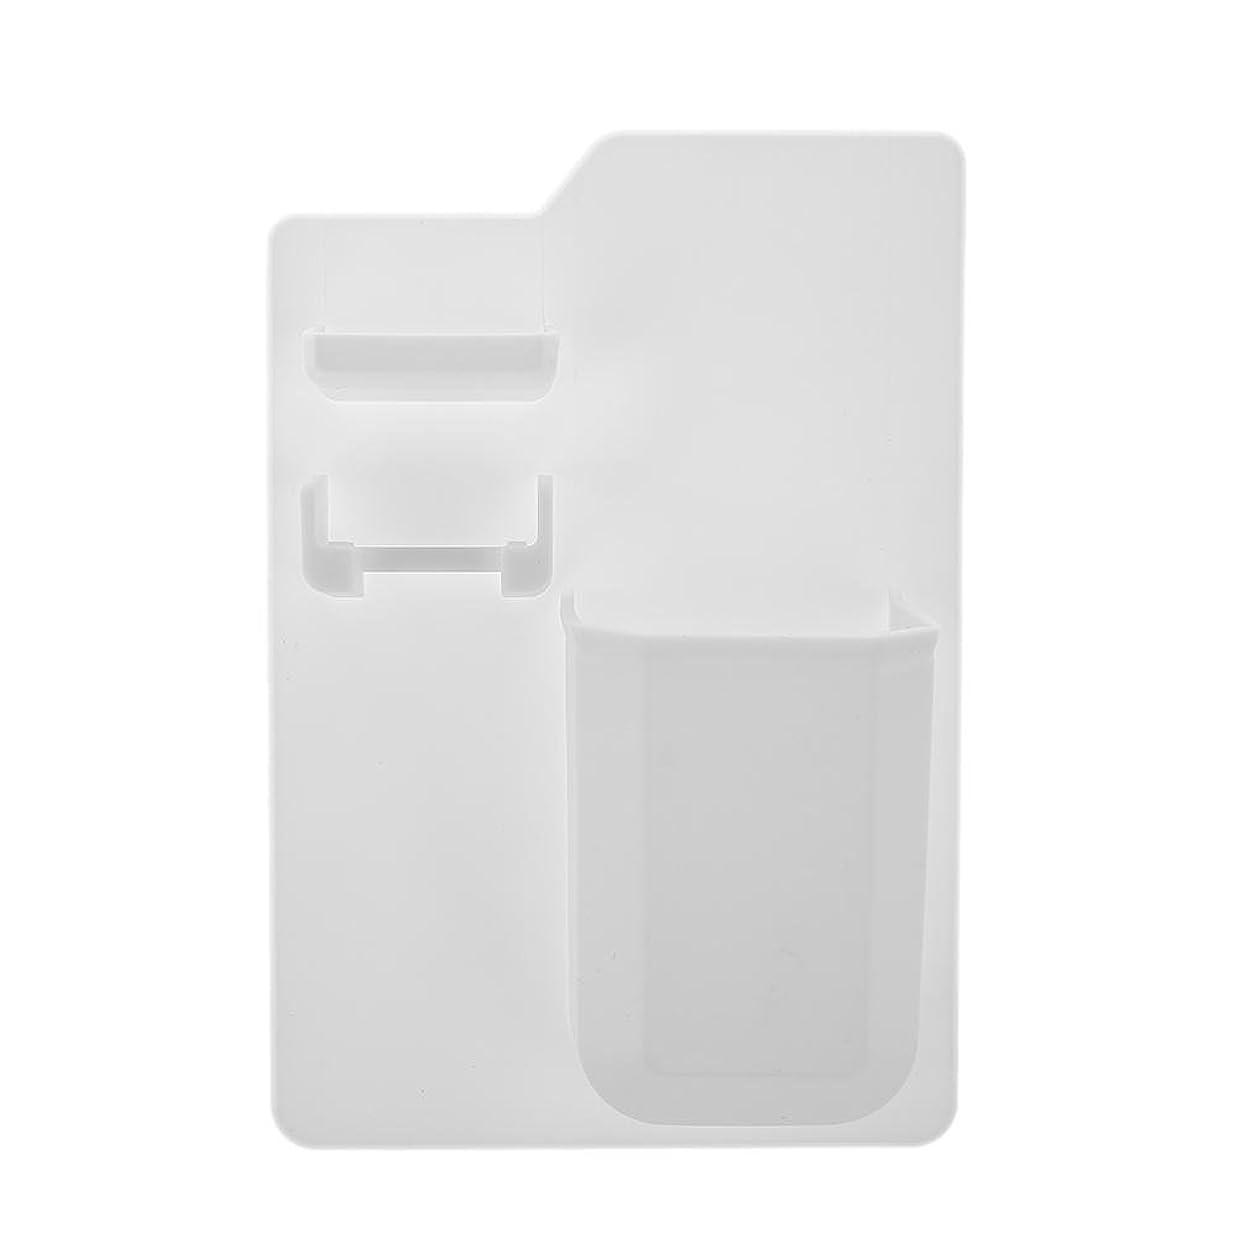 学校の先生掻くセンサー新製品シリコン浴室収納袋強力な歯ブラシ入れシリコン歯ブラシ入れ浴室のシャワー(白)